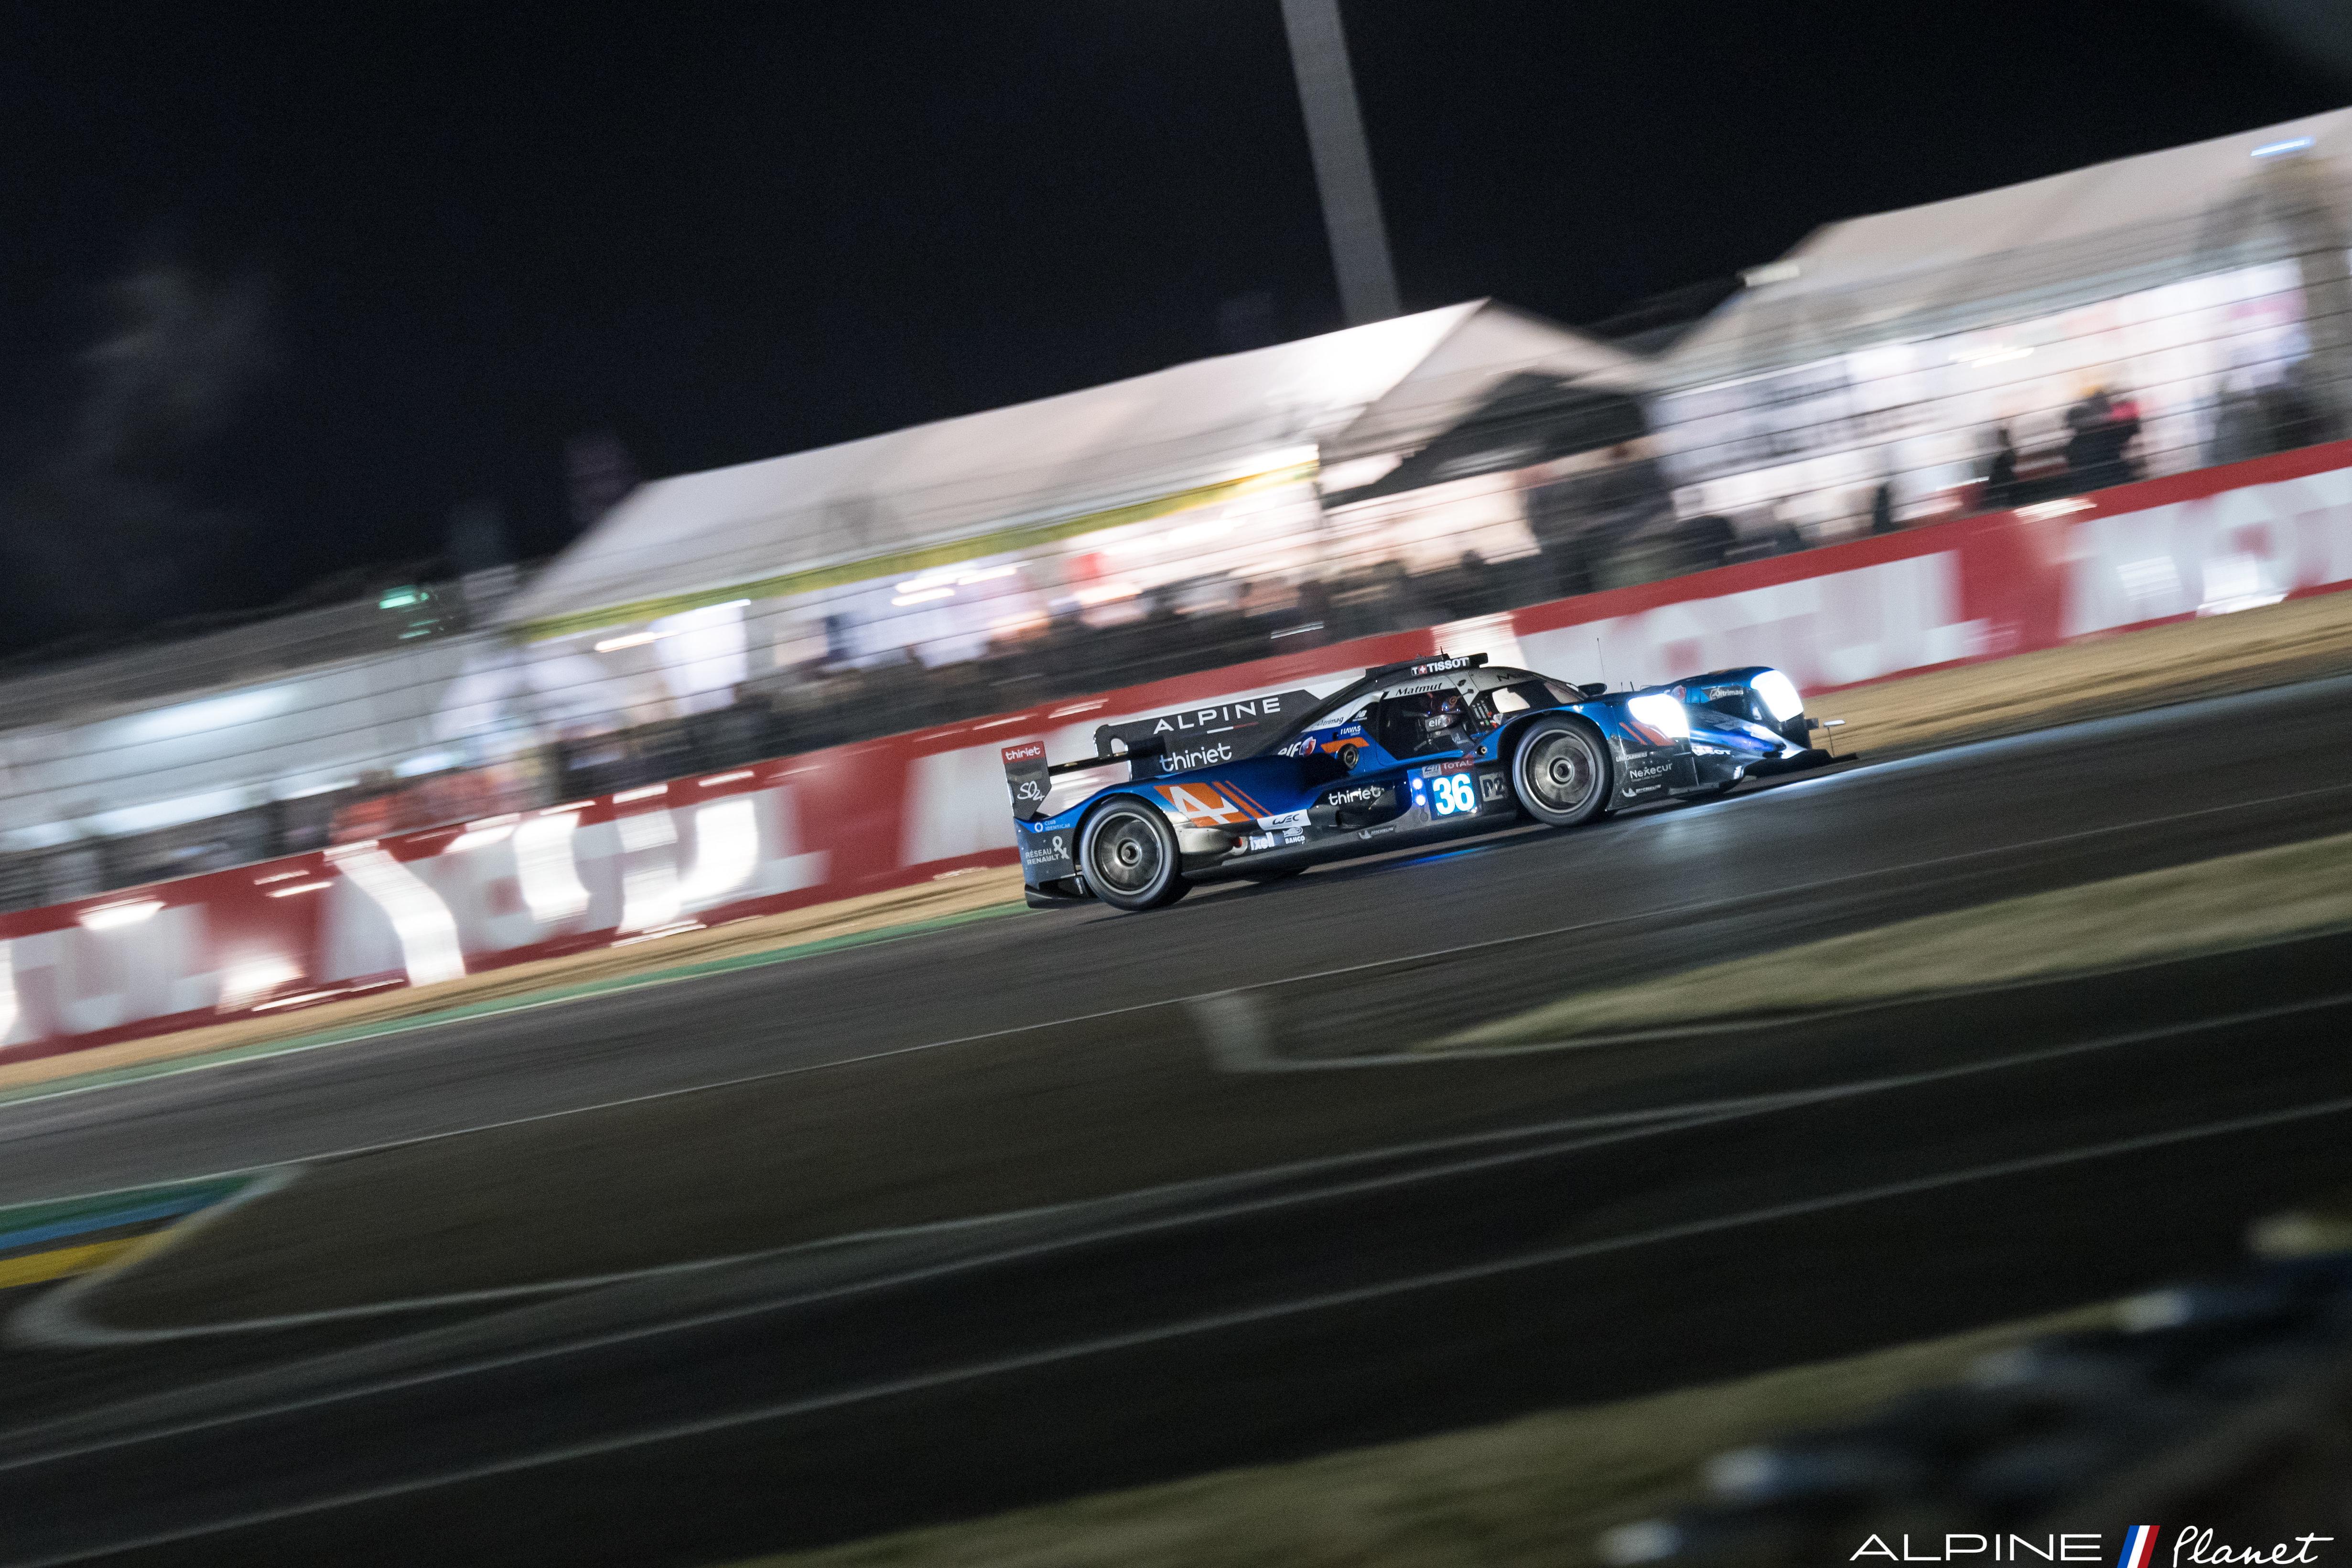 DSC2032 | Remise des prix FIA WEC Super Saison 2018-2019